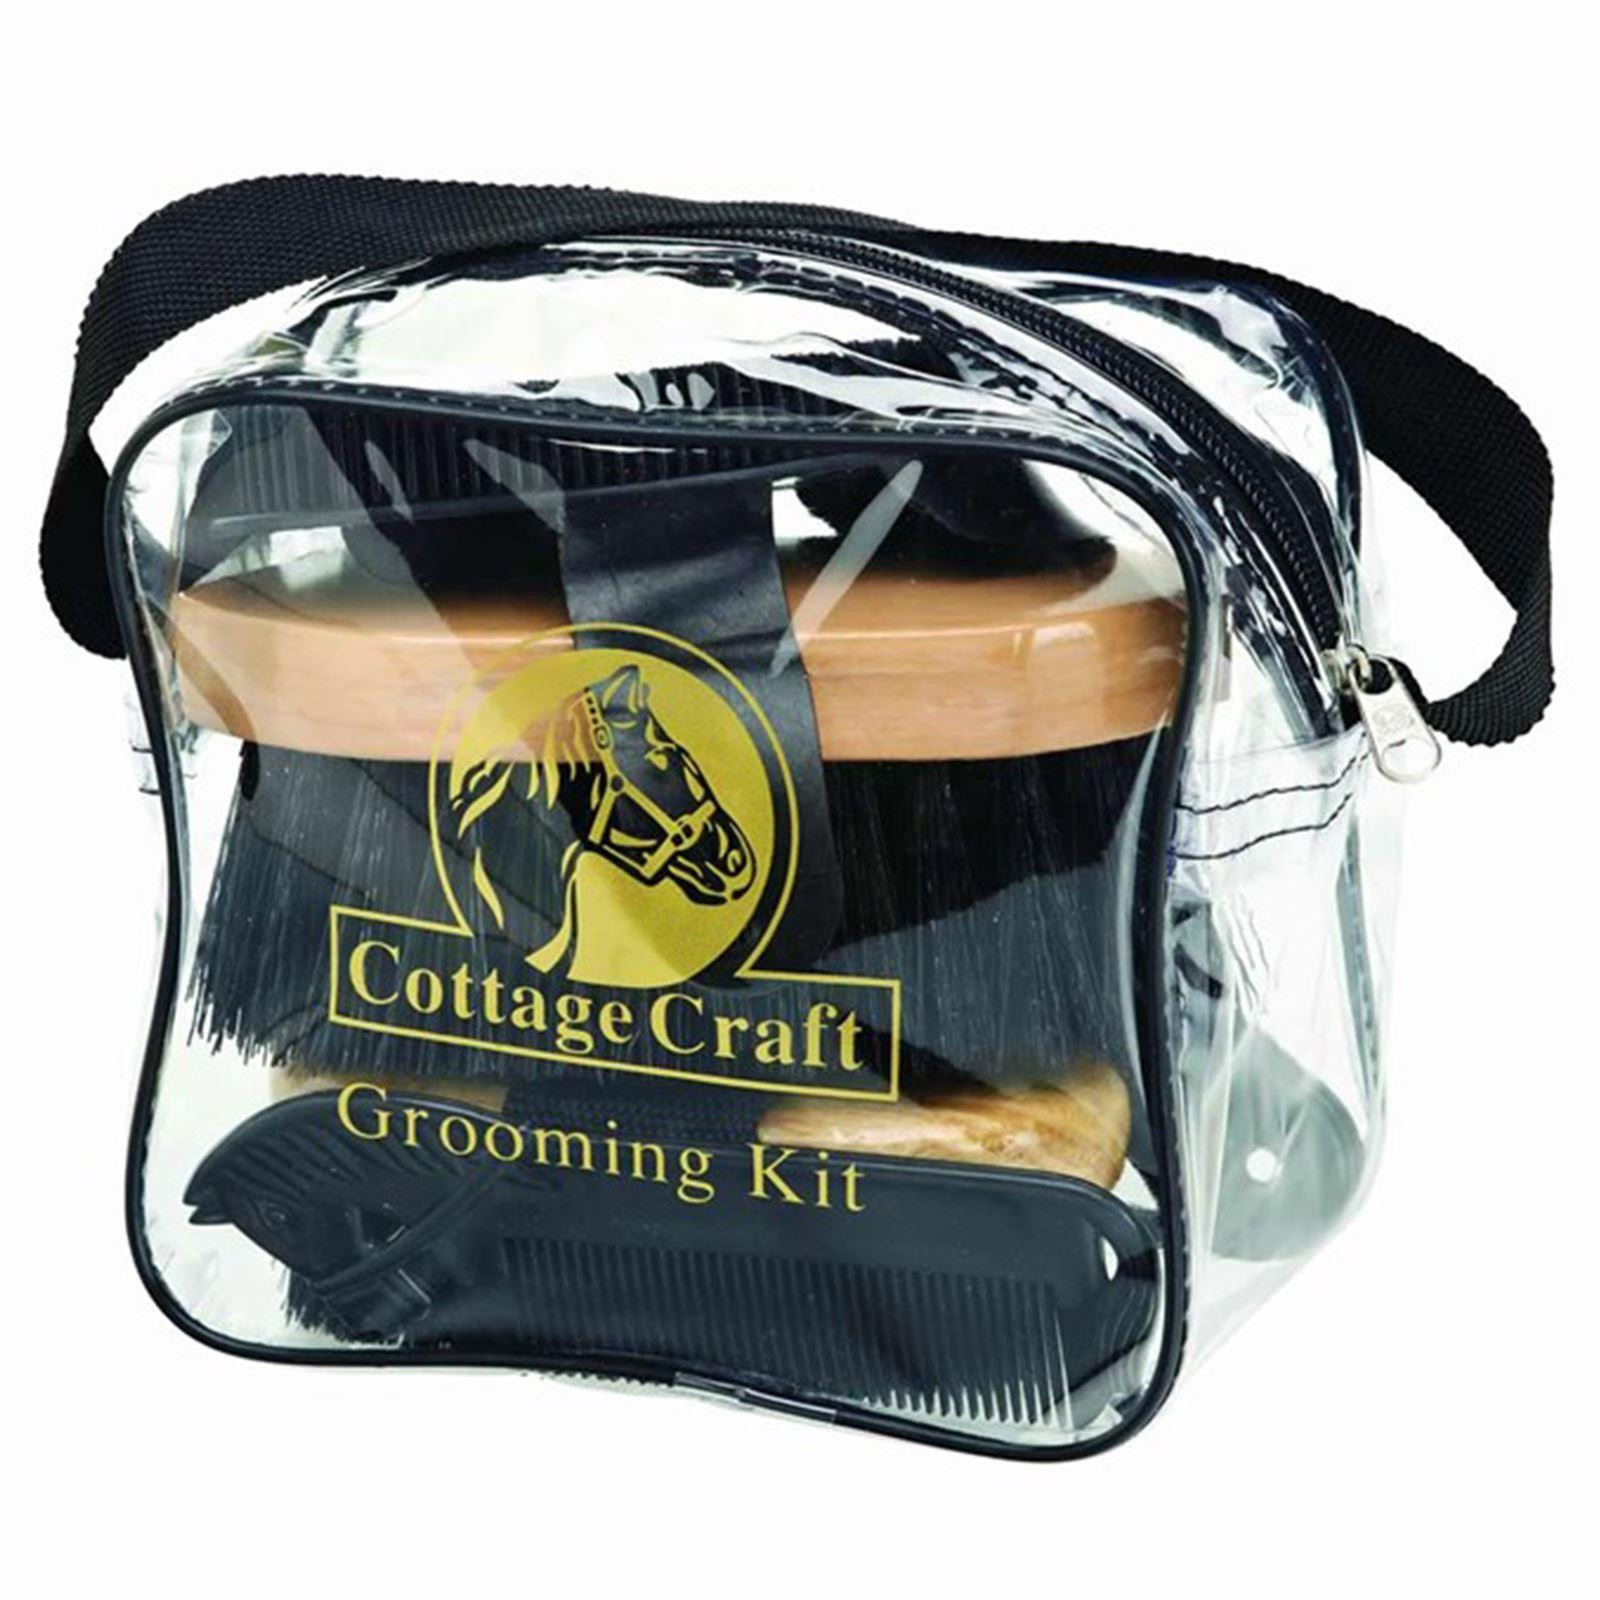 Cottage Craft Junior plastique Curry Comb